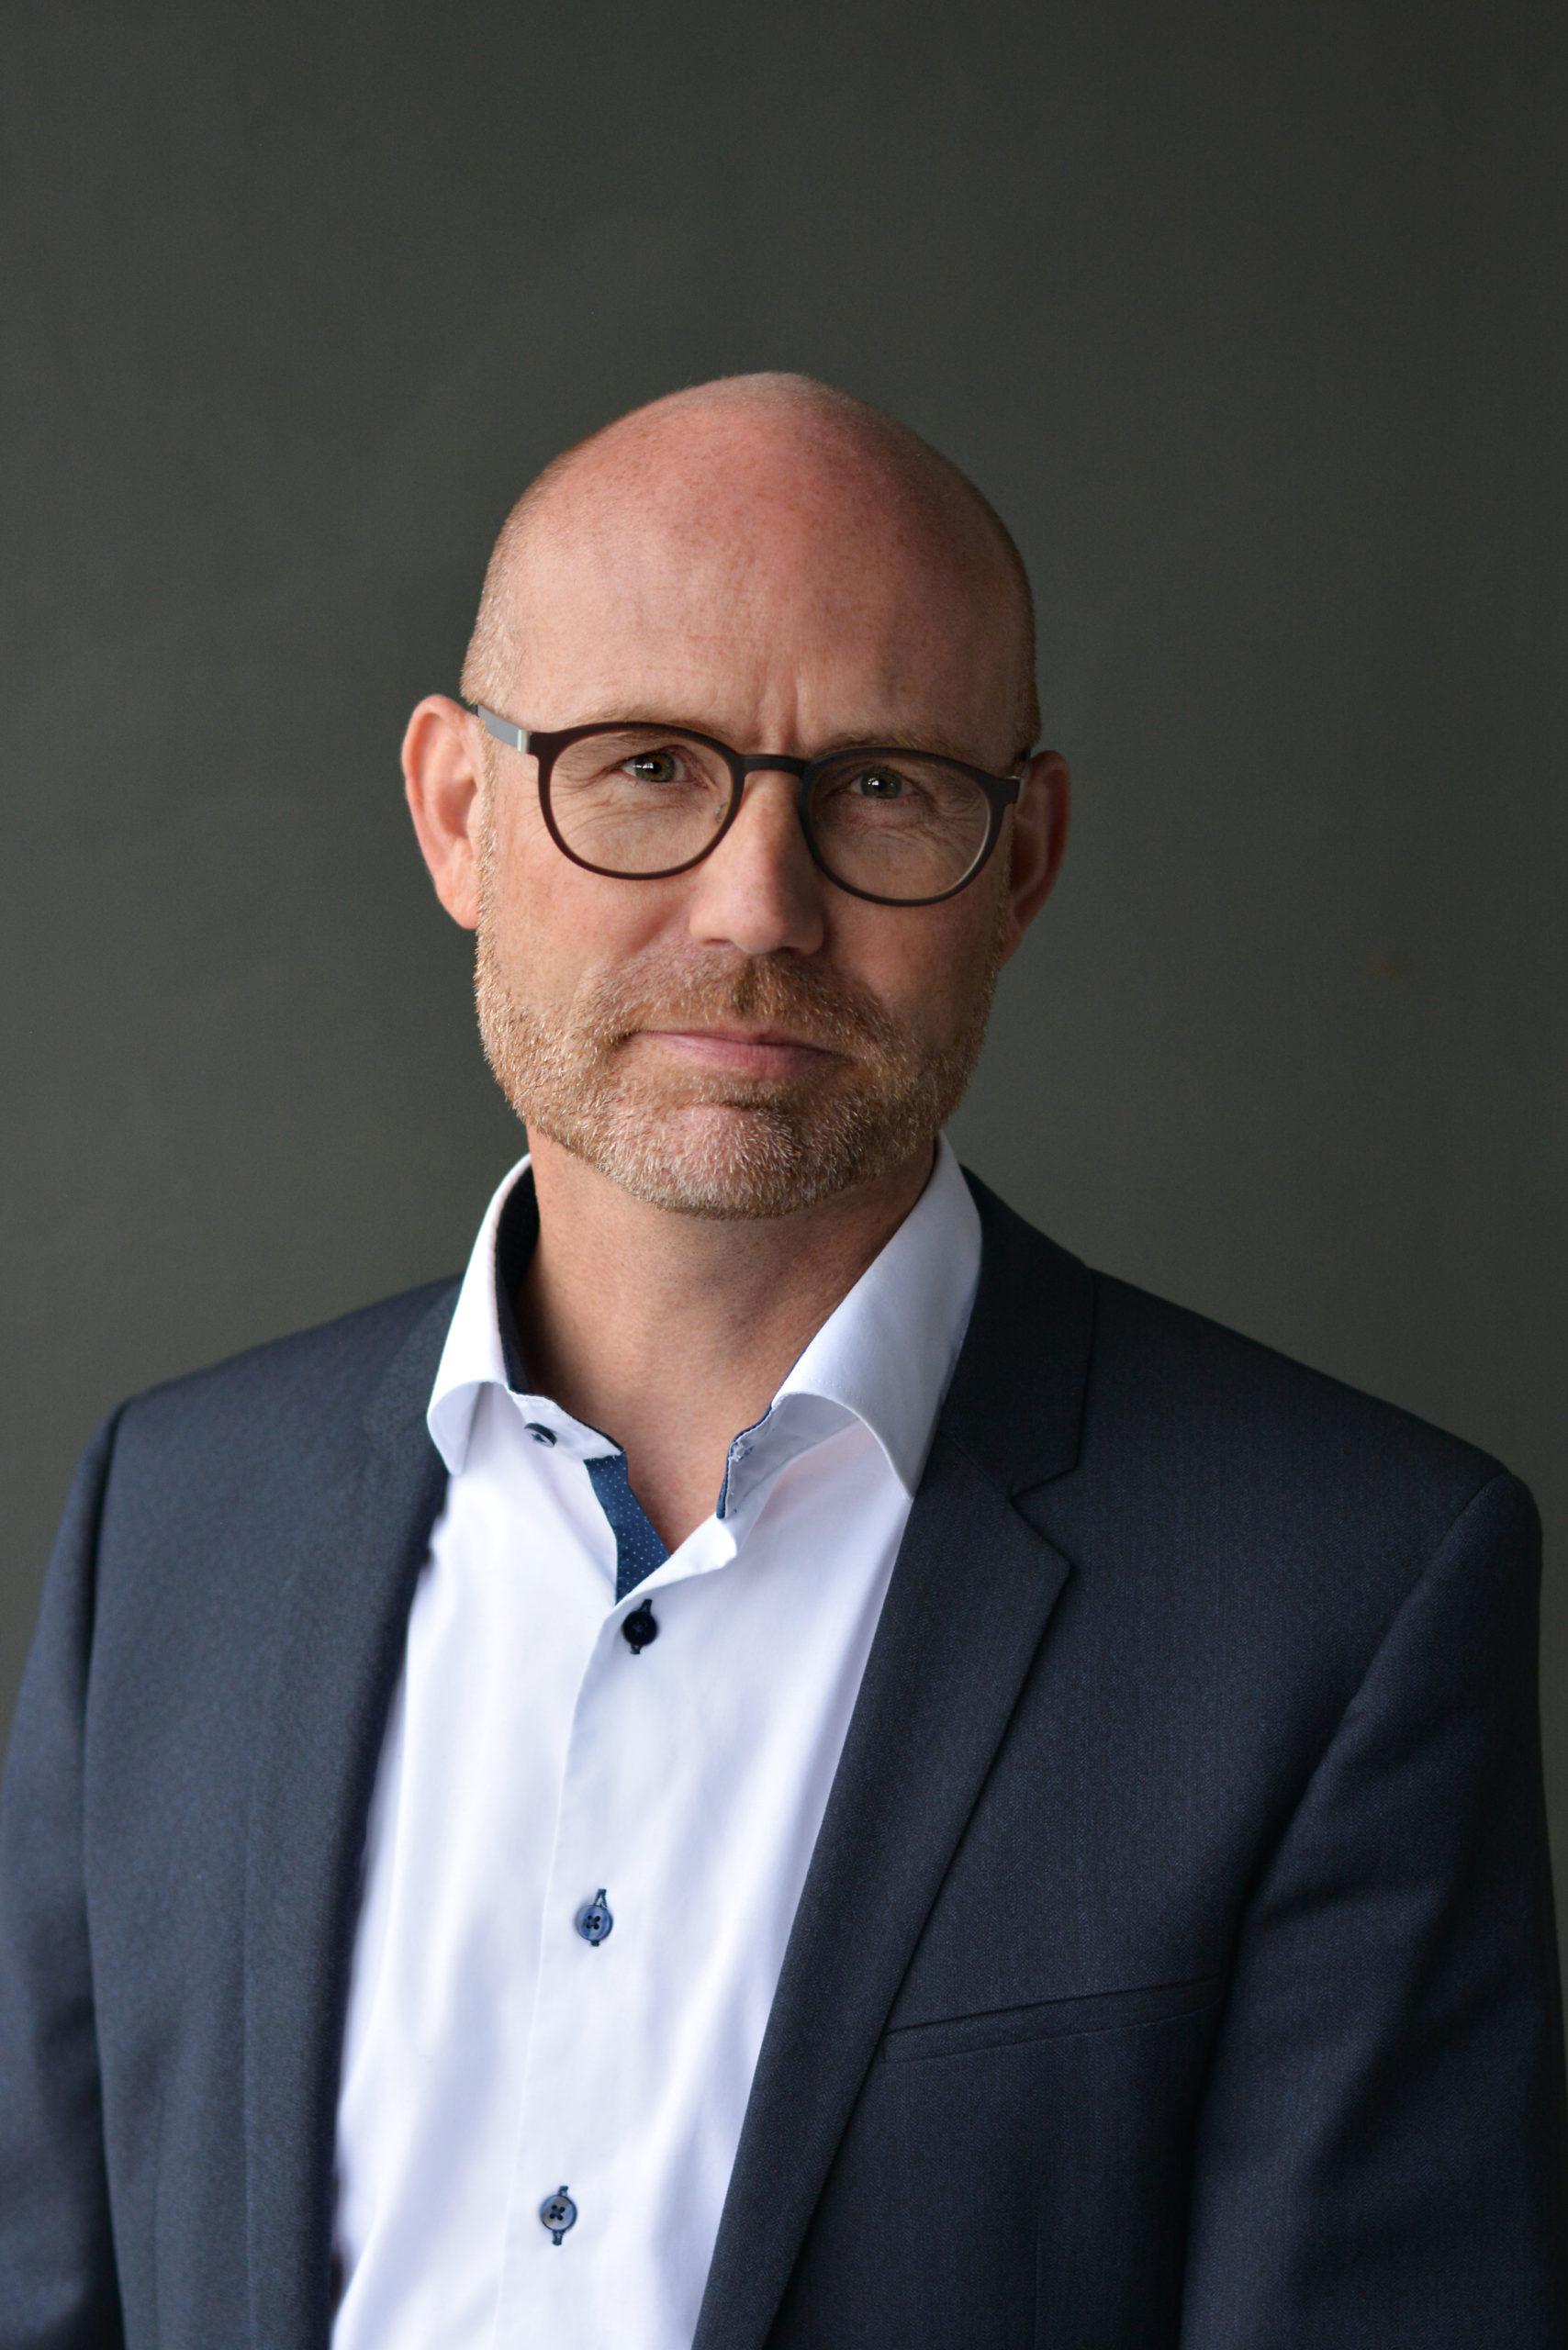 Carsten Jakobsen